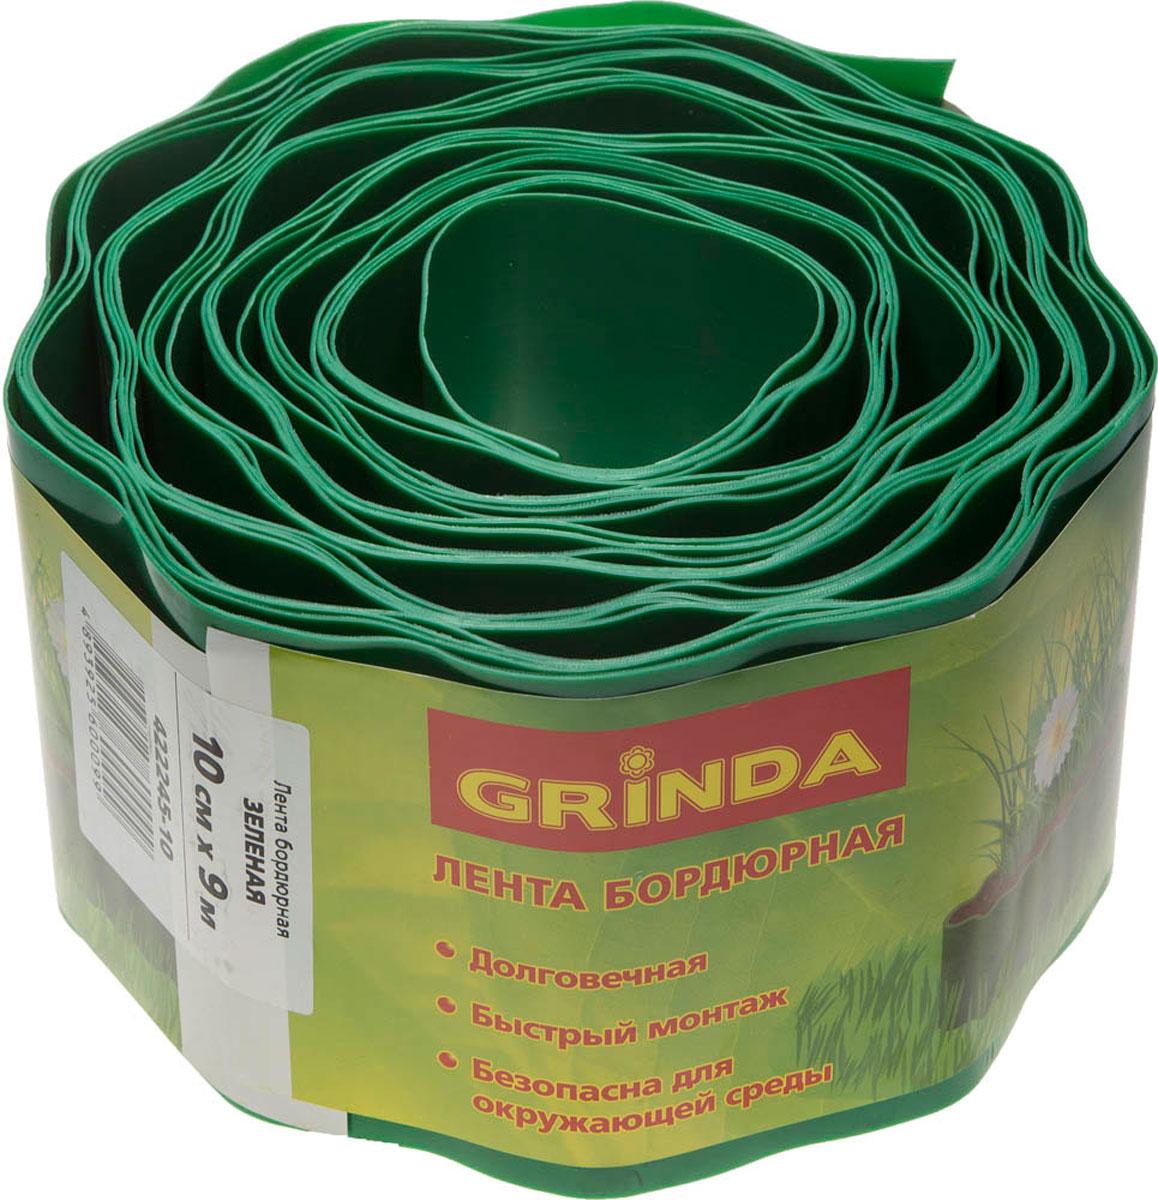 Лента бордюрная Grinda, цвет: зеленый, 10 см х 9 м лента бордюрная grinda 422245 20